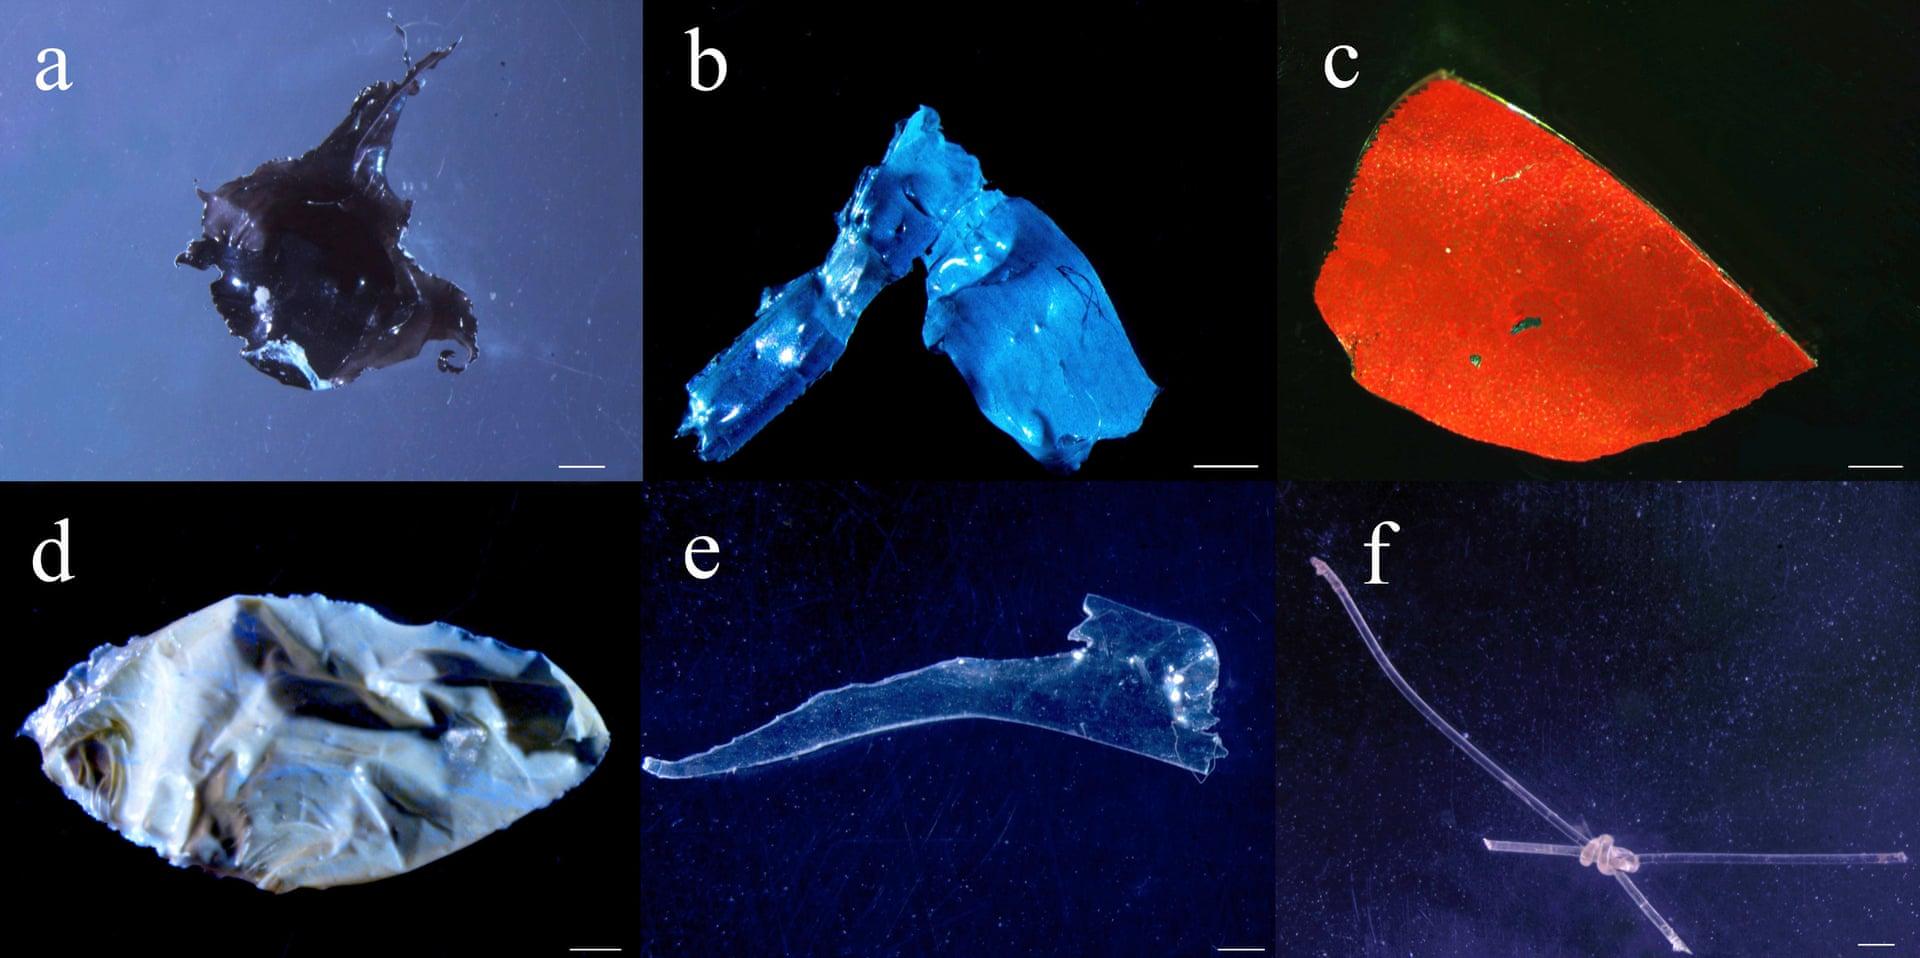 Residuos plásticos encontrados en los estómagos de peces del Amazonas.